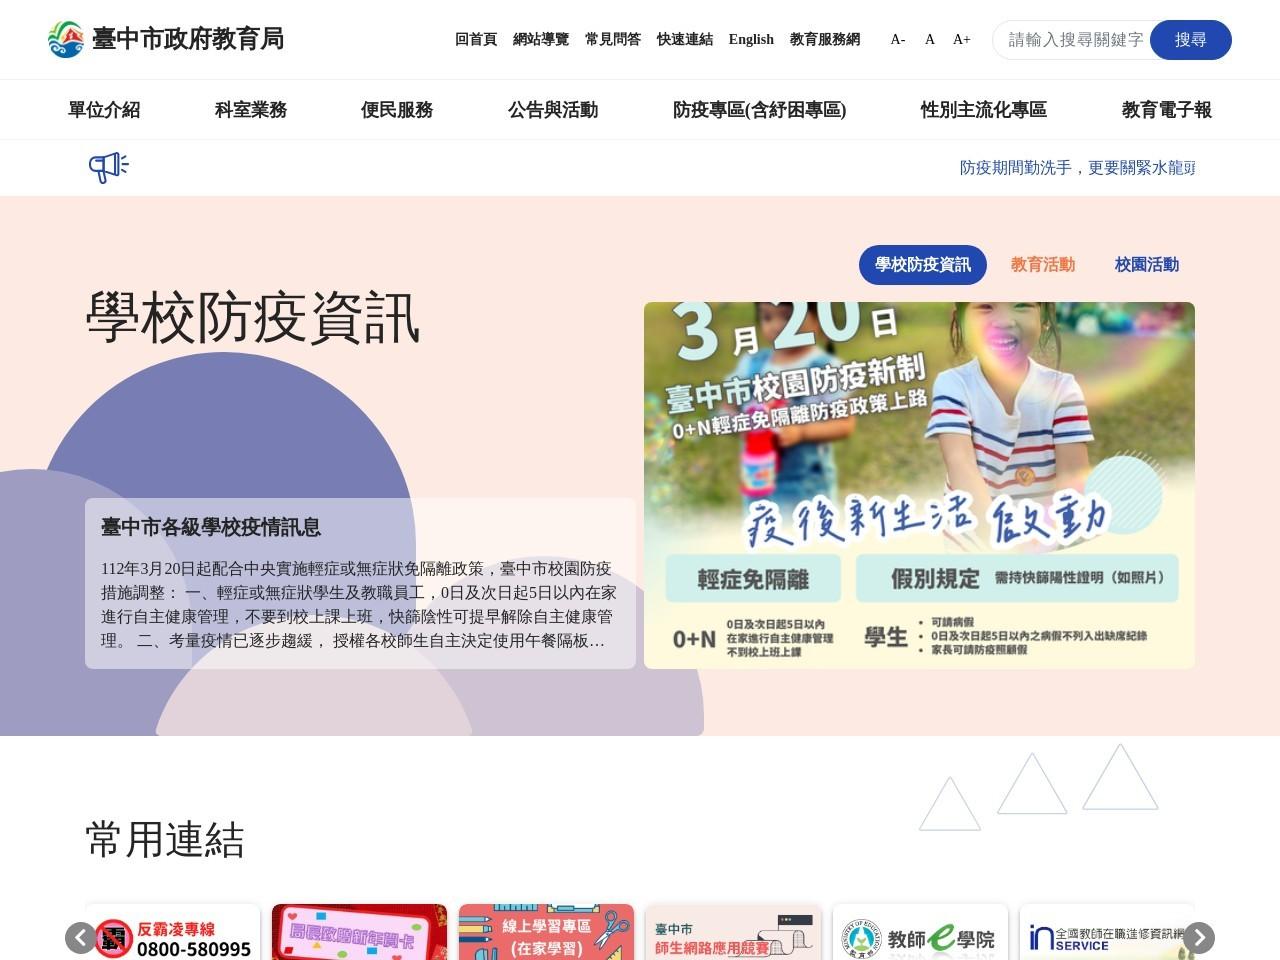 轉知彰化縣書法學會辦理「第十屆富偉盃全國書法篆刻比賽」資訊。